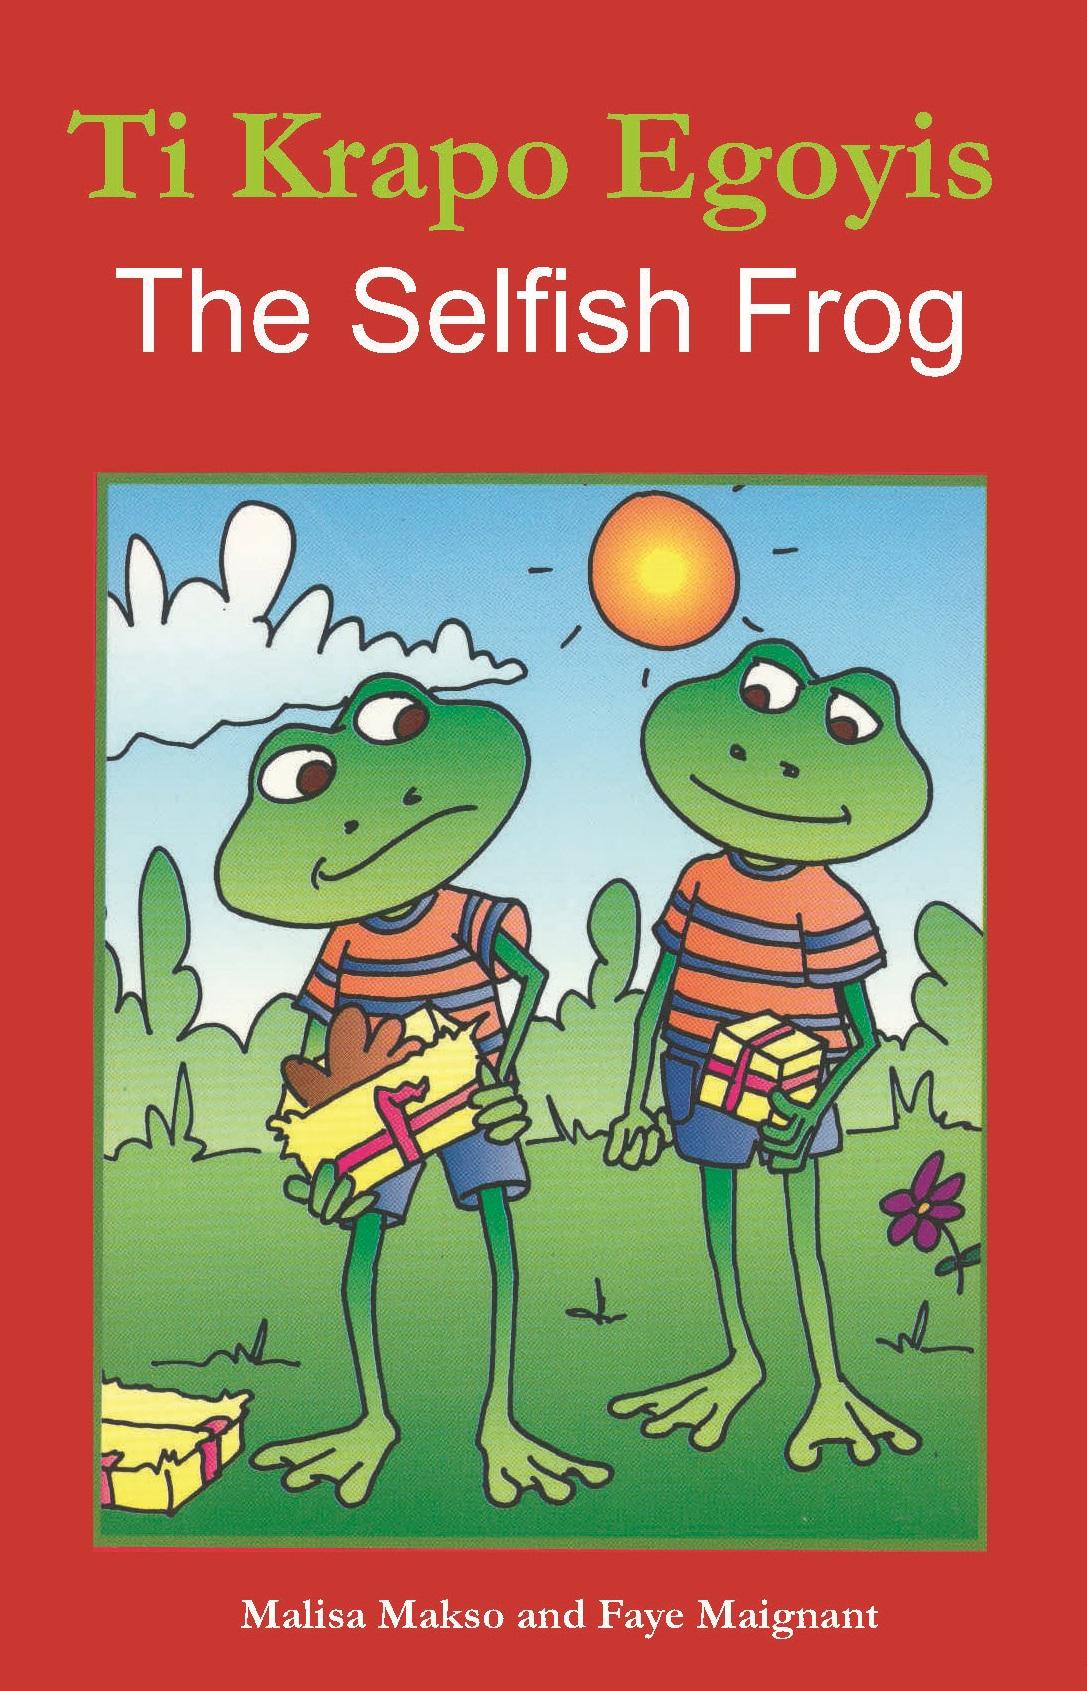 Ti Krapo egoyis / The Selfish Frog